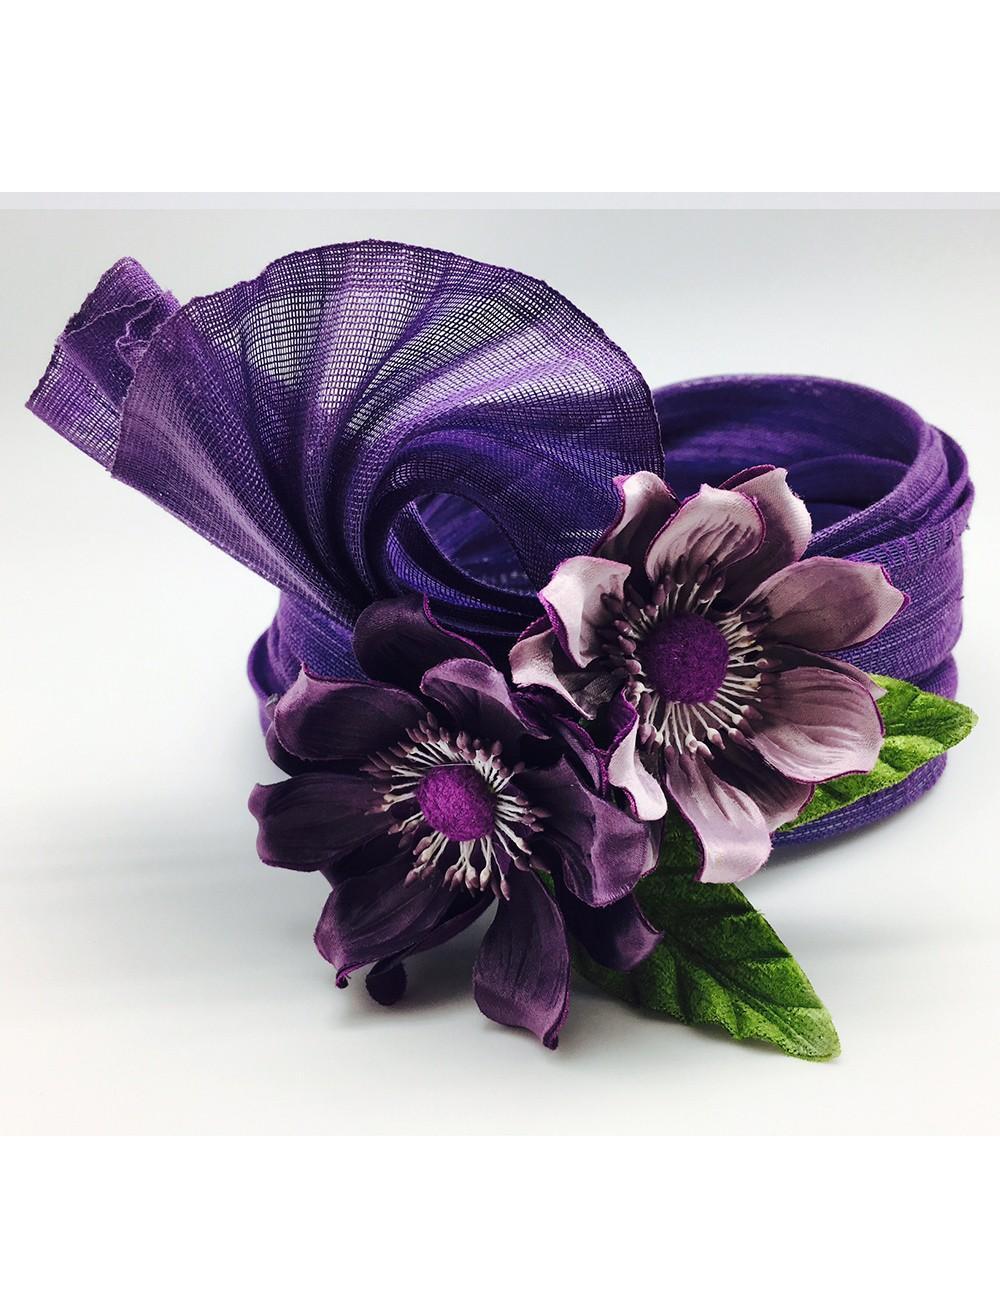 Turbante sinamay seda con decoración floral